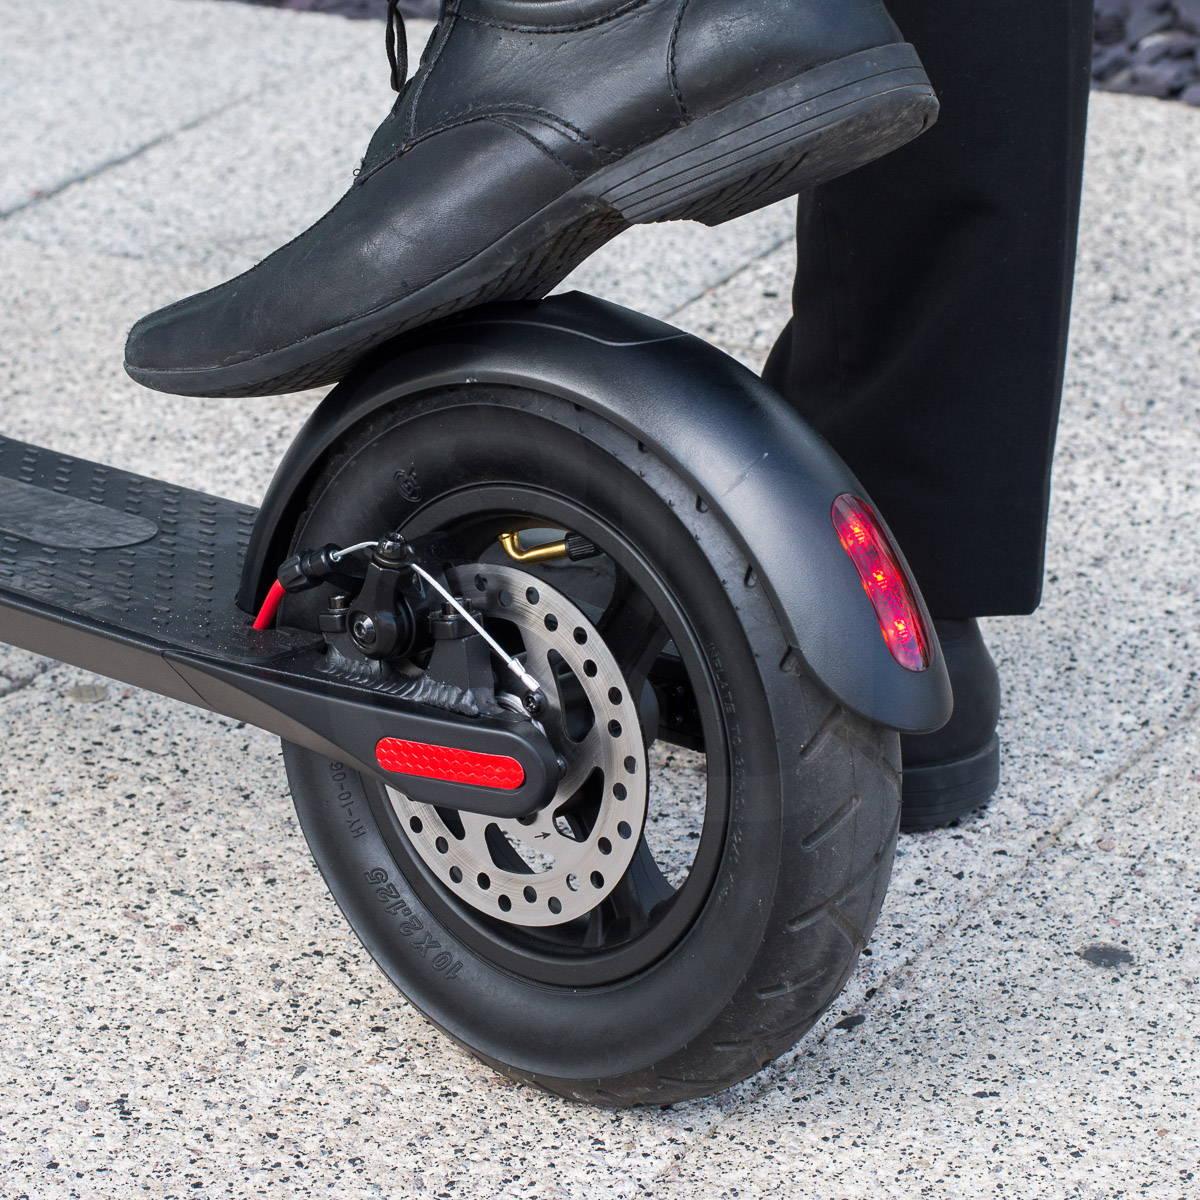 體面的 X7 踏板車推剎車瓣